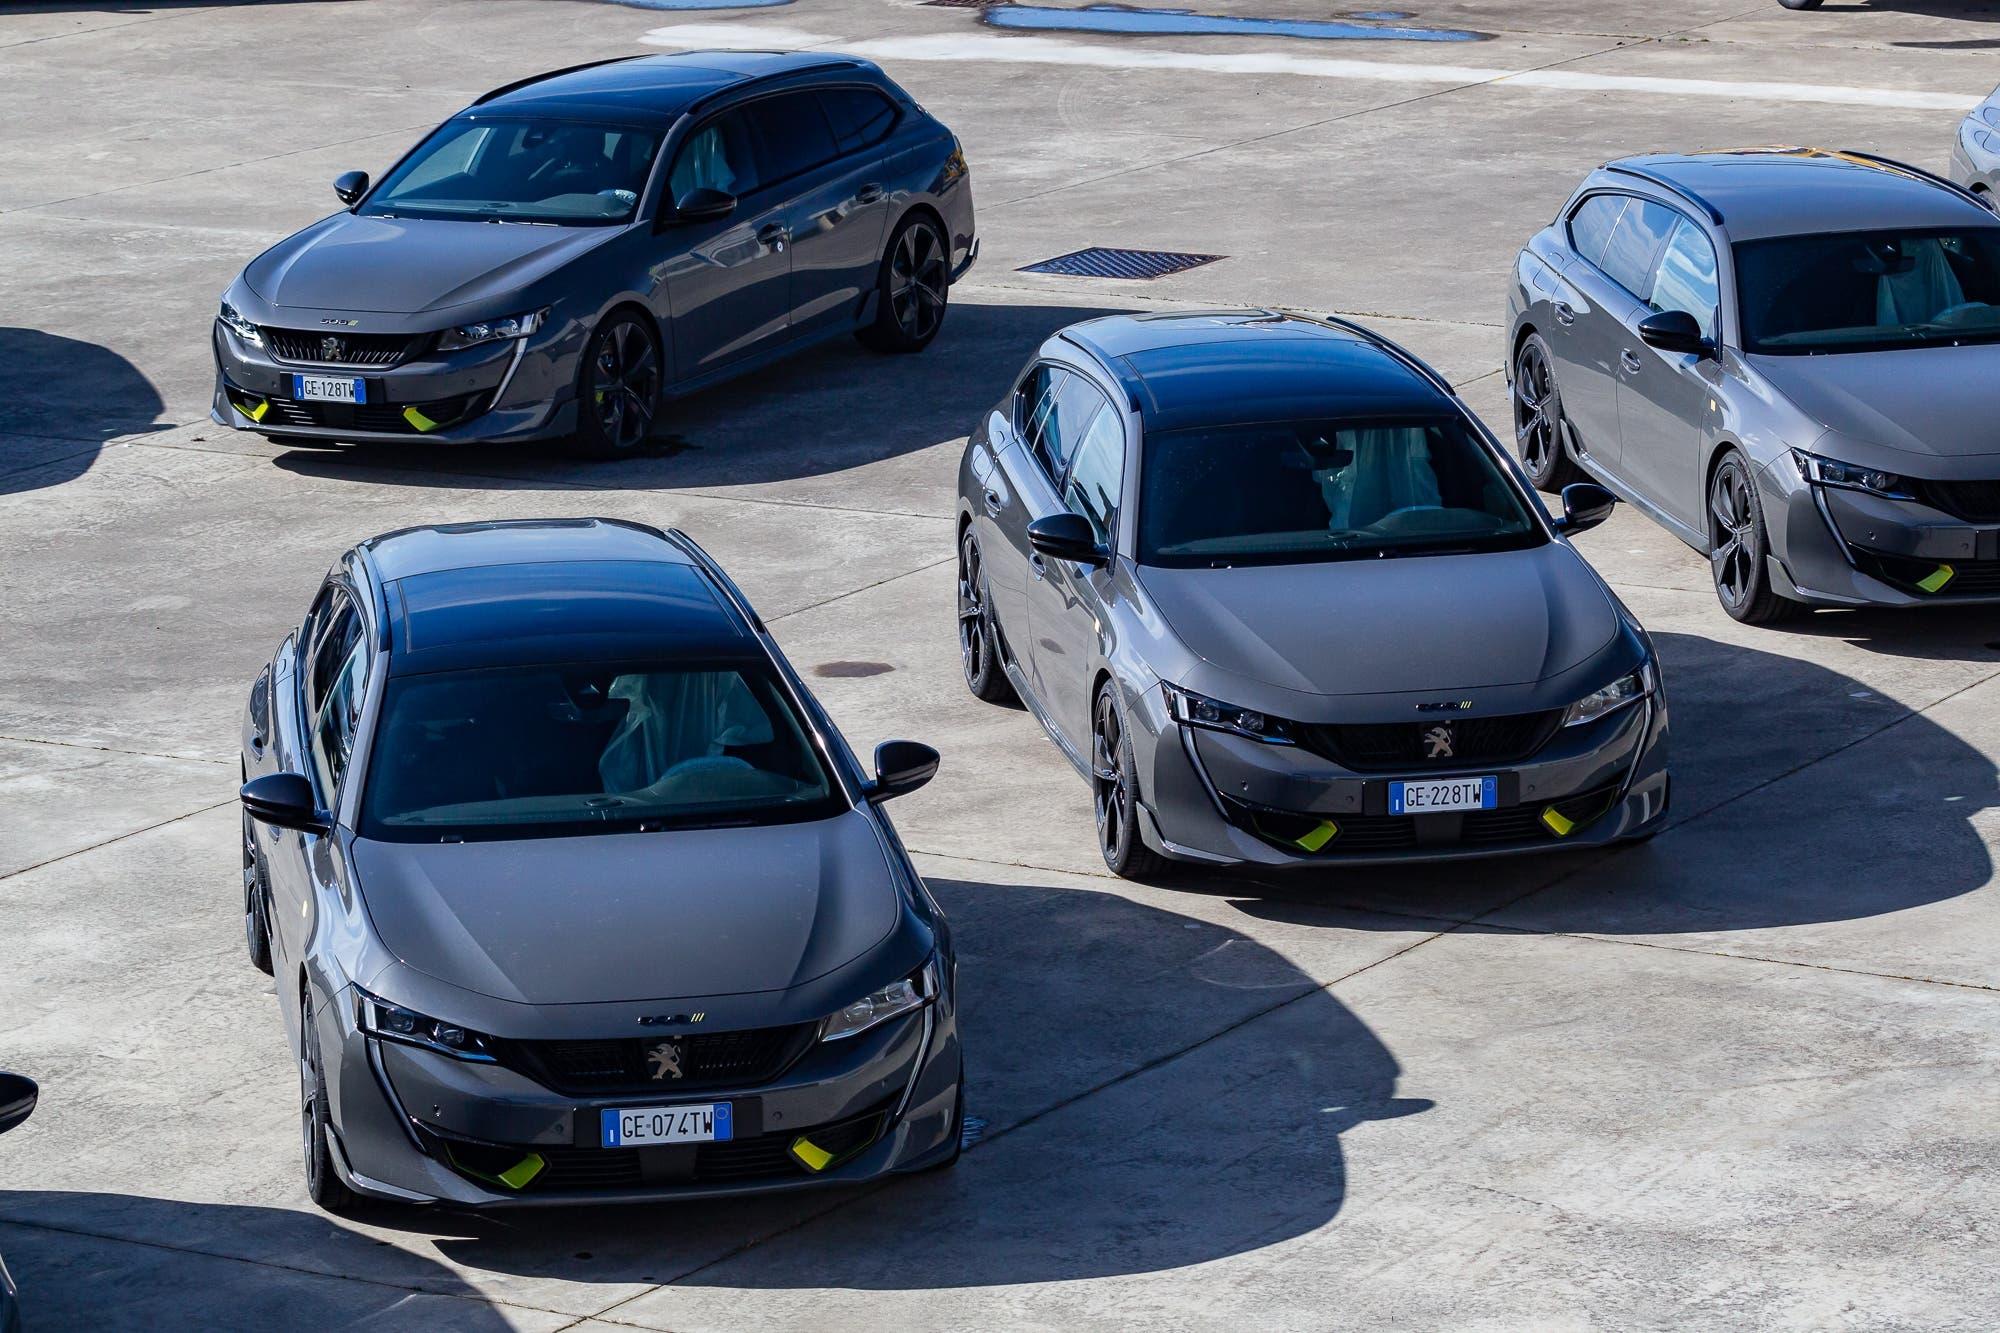 Nuova Peugeot 508 PSE Expertise Center